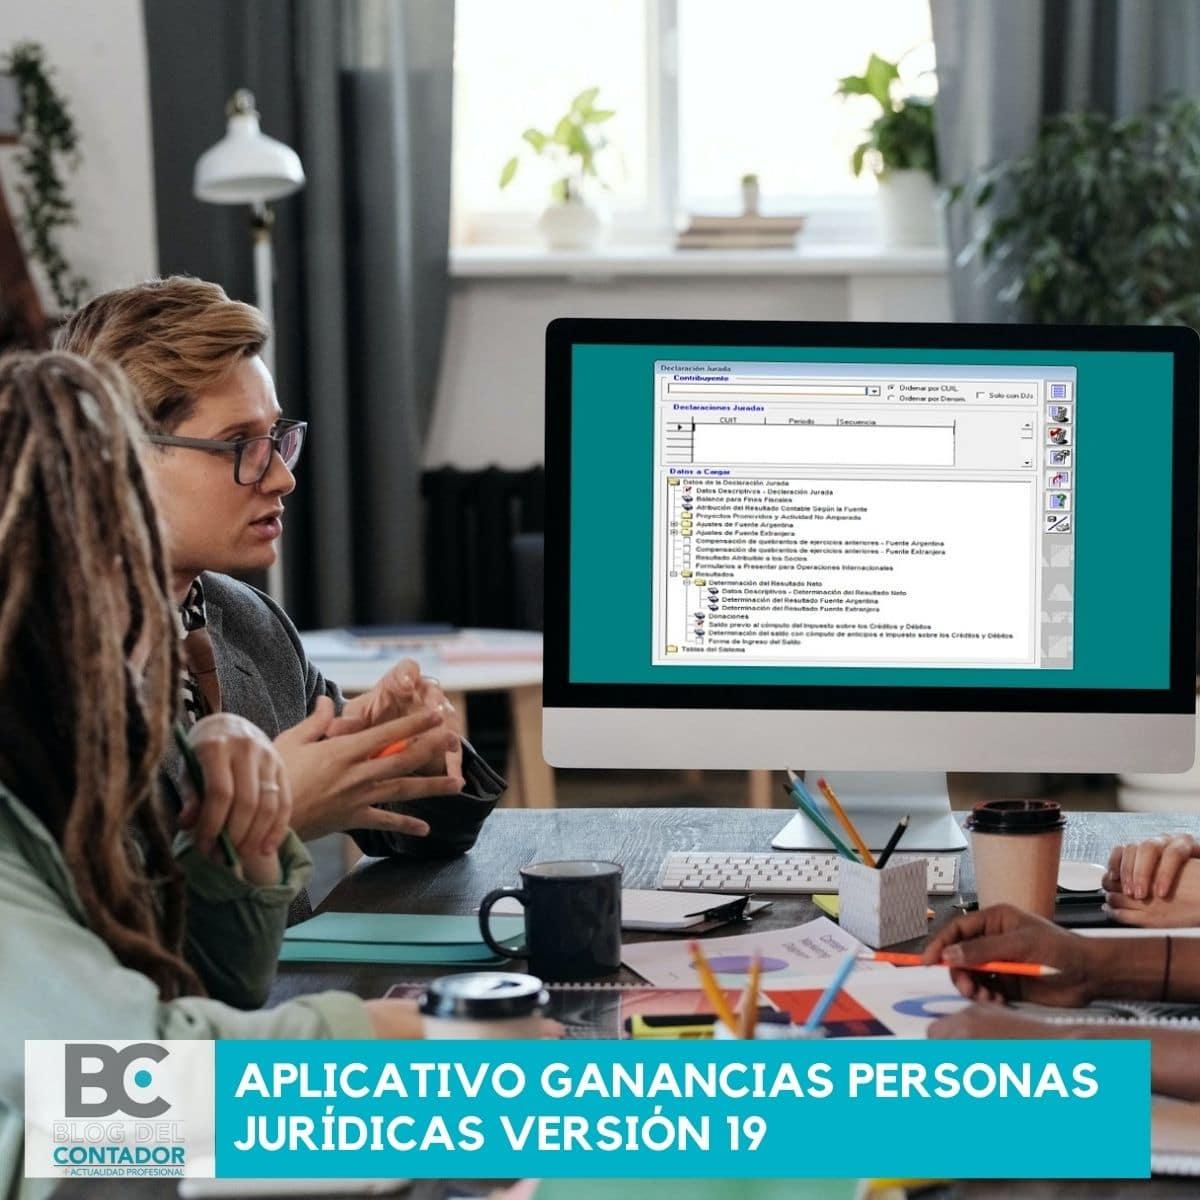 aplicativo Ganancias Personas Jurídicas versión 19